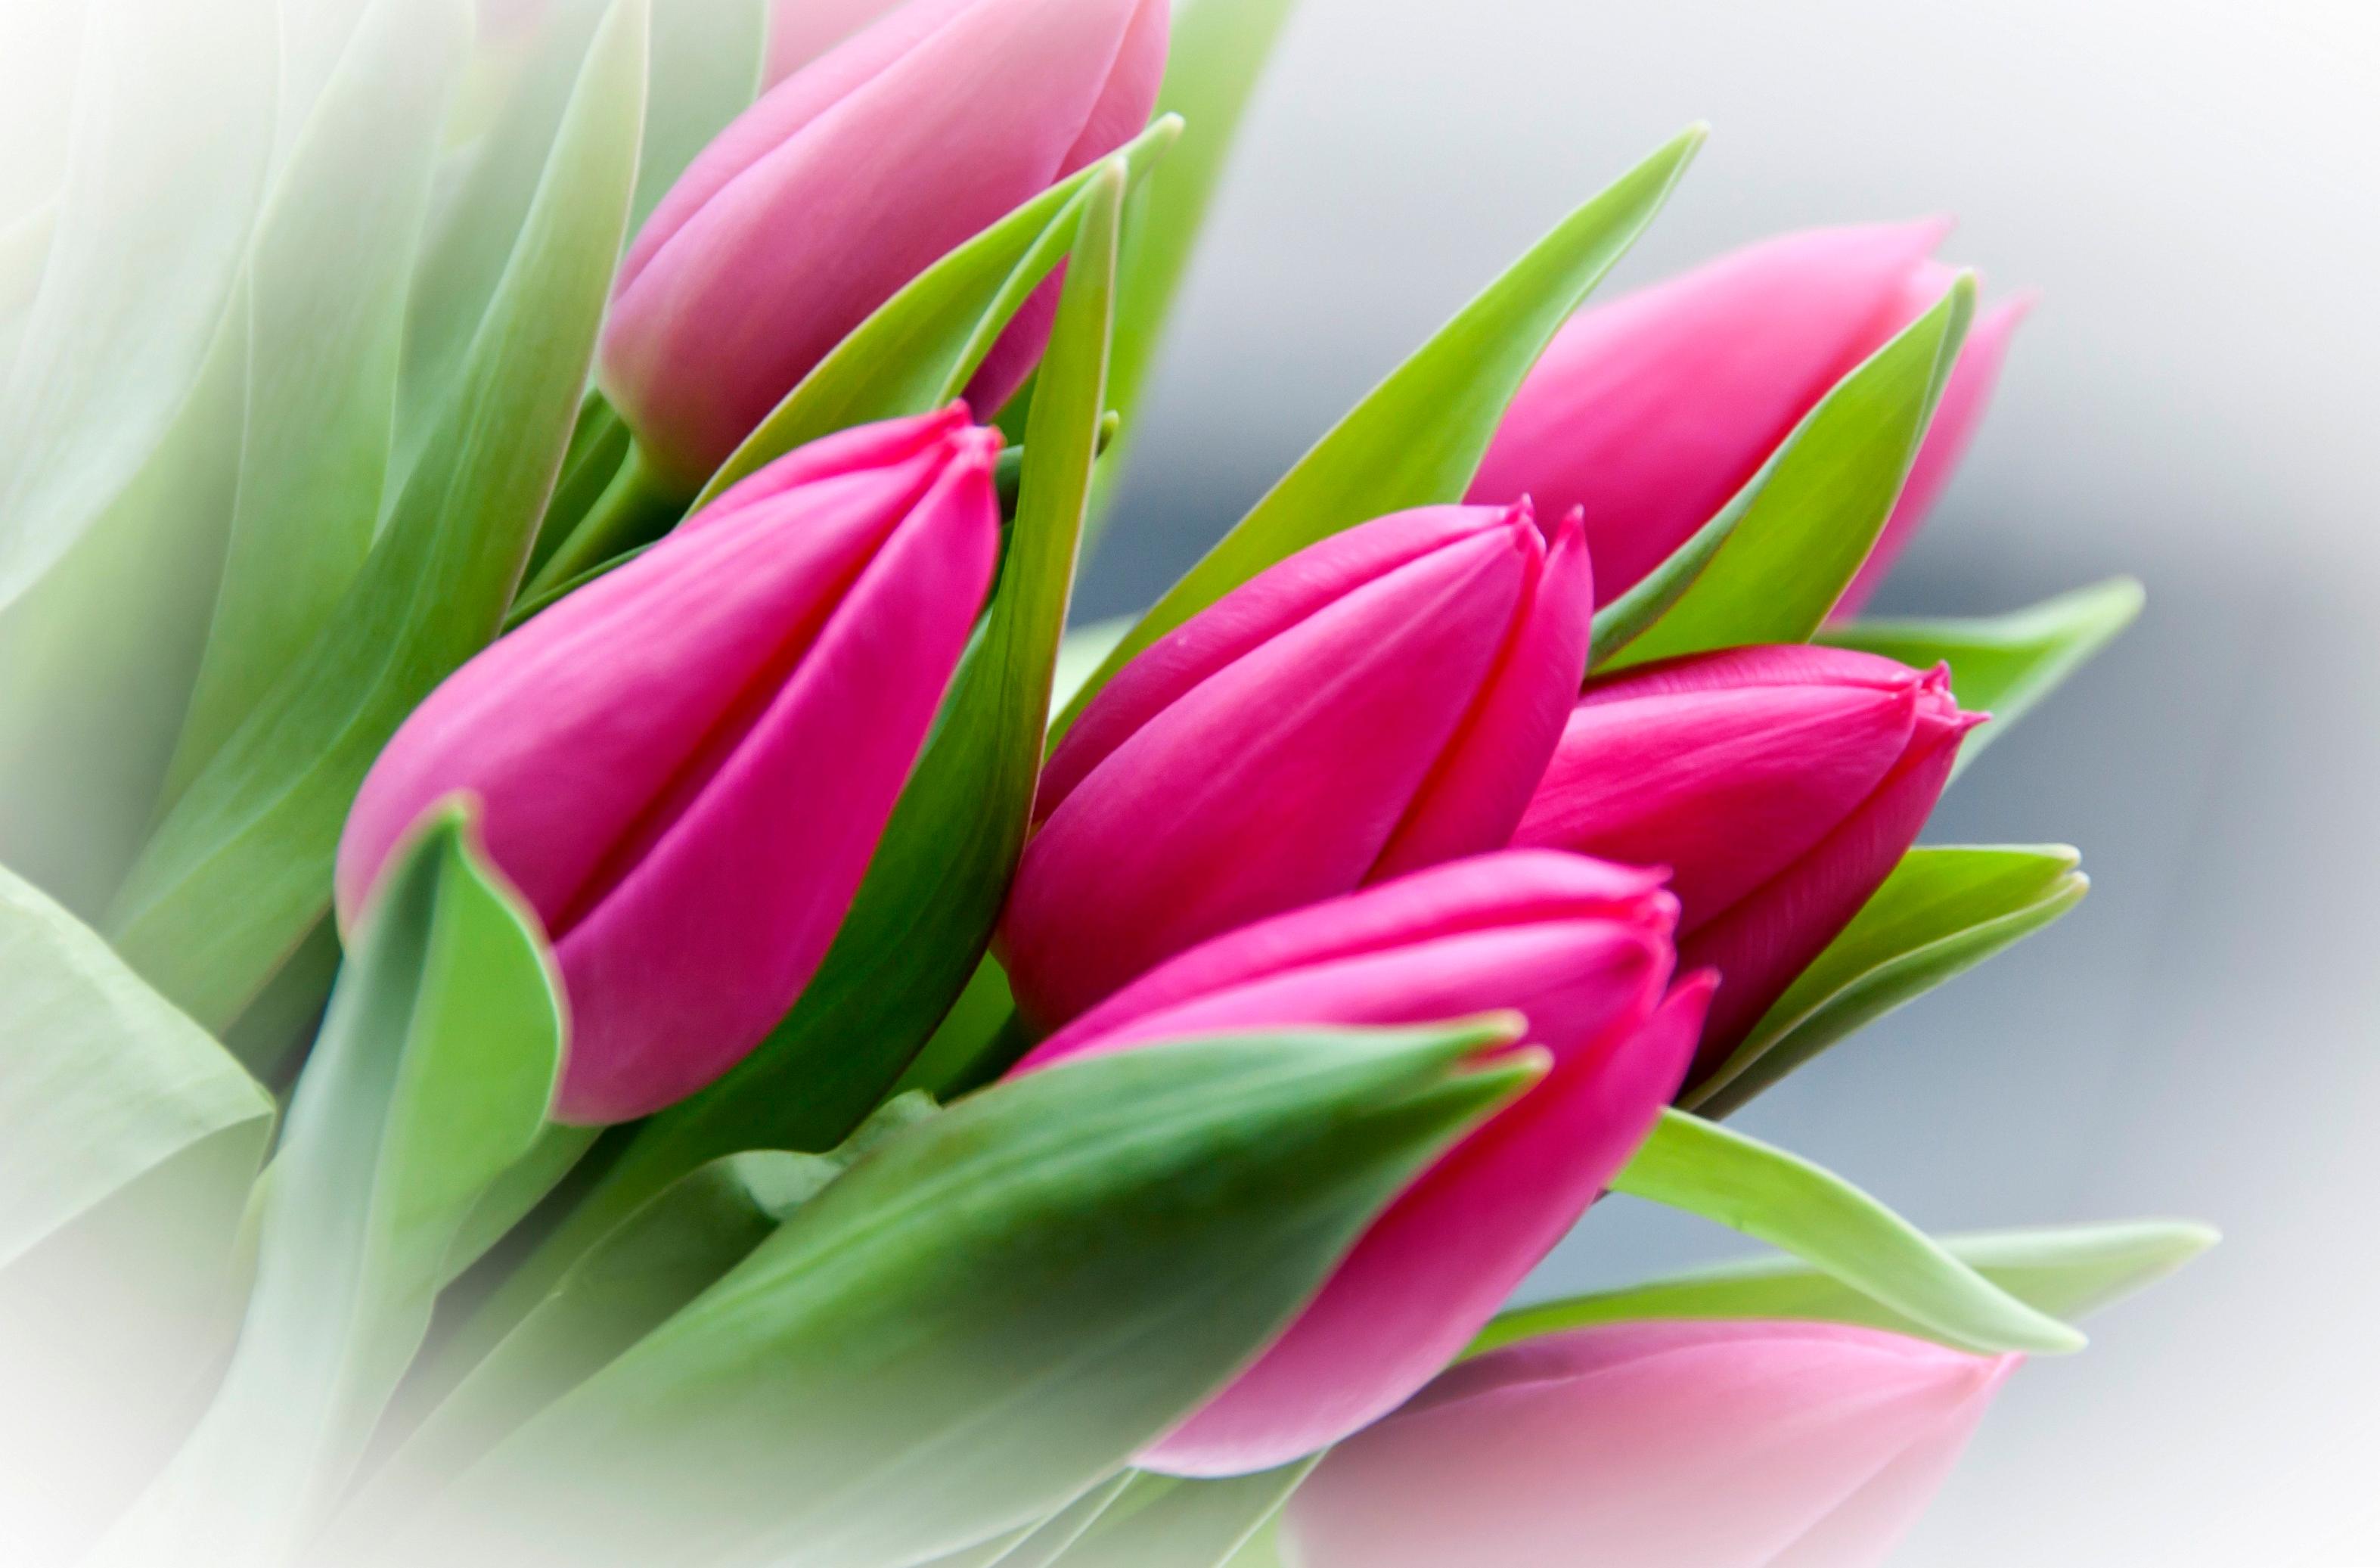 tulip-photo-86